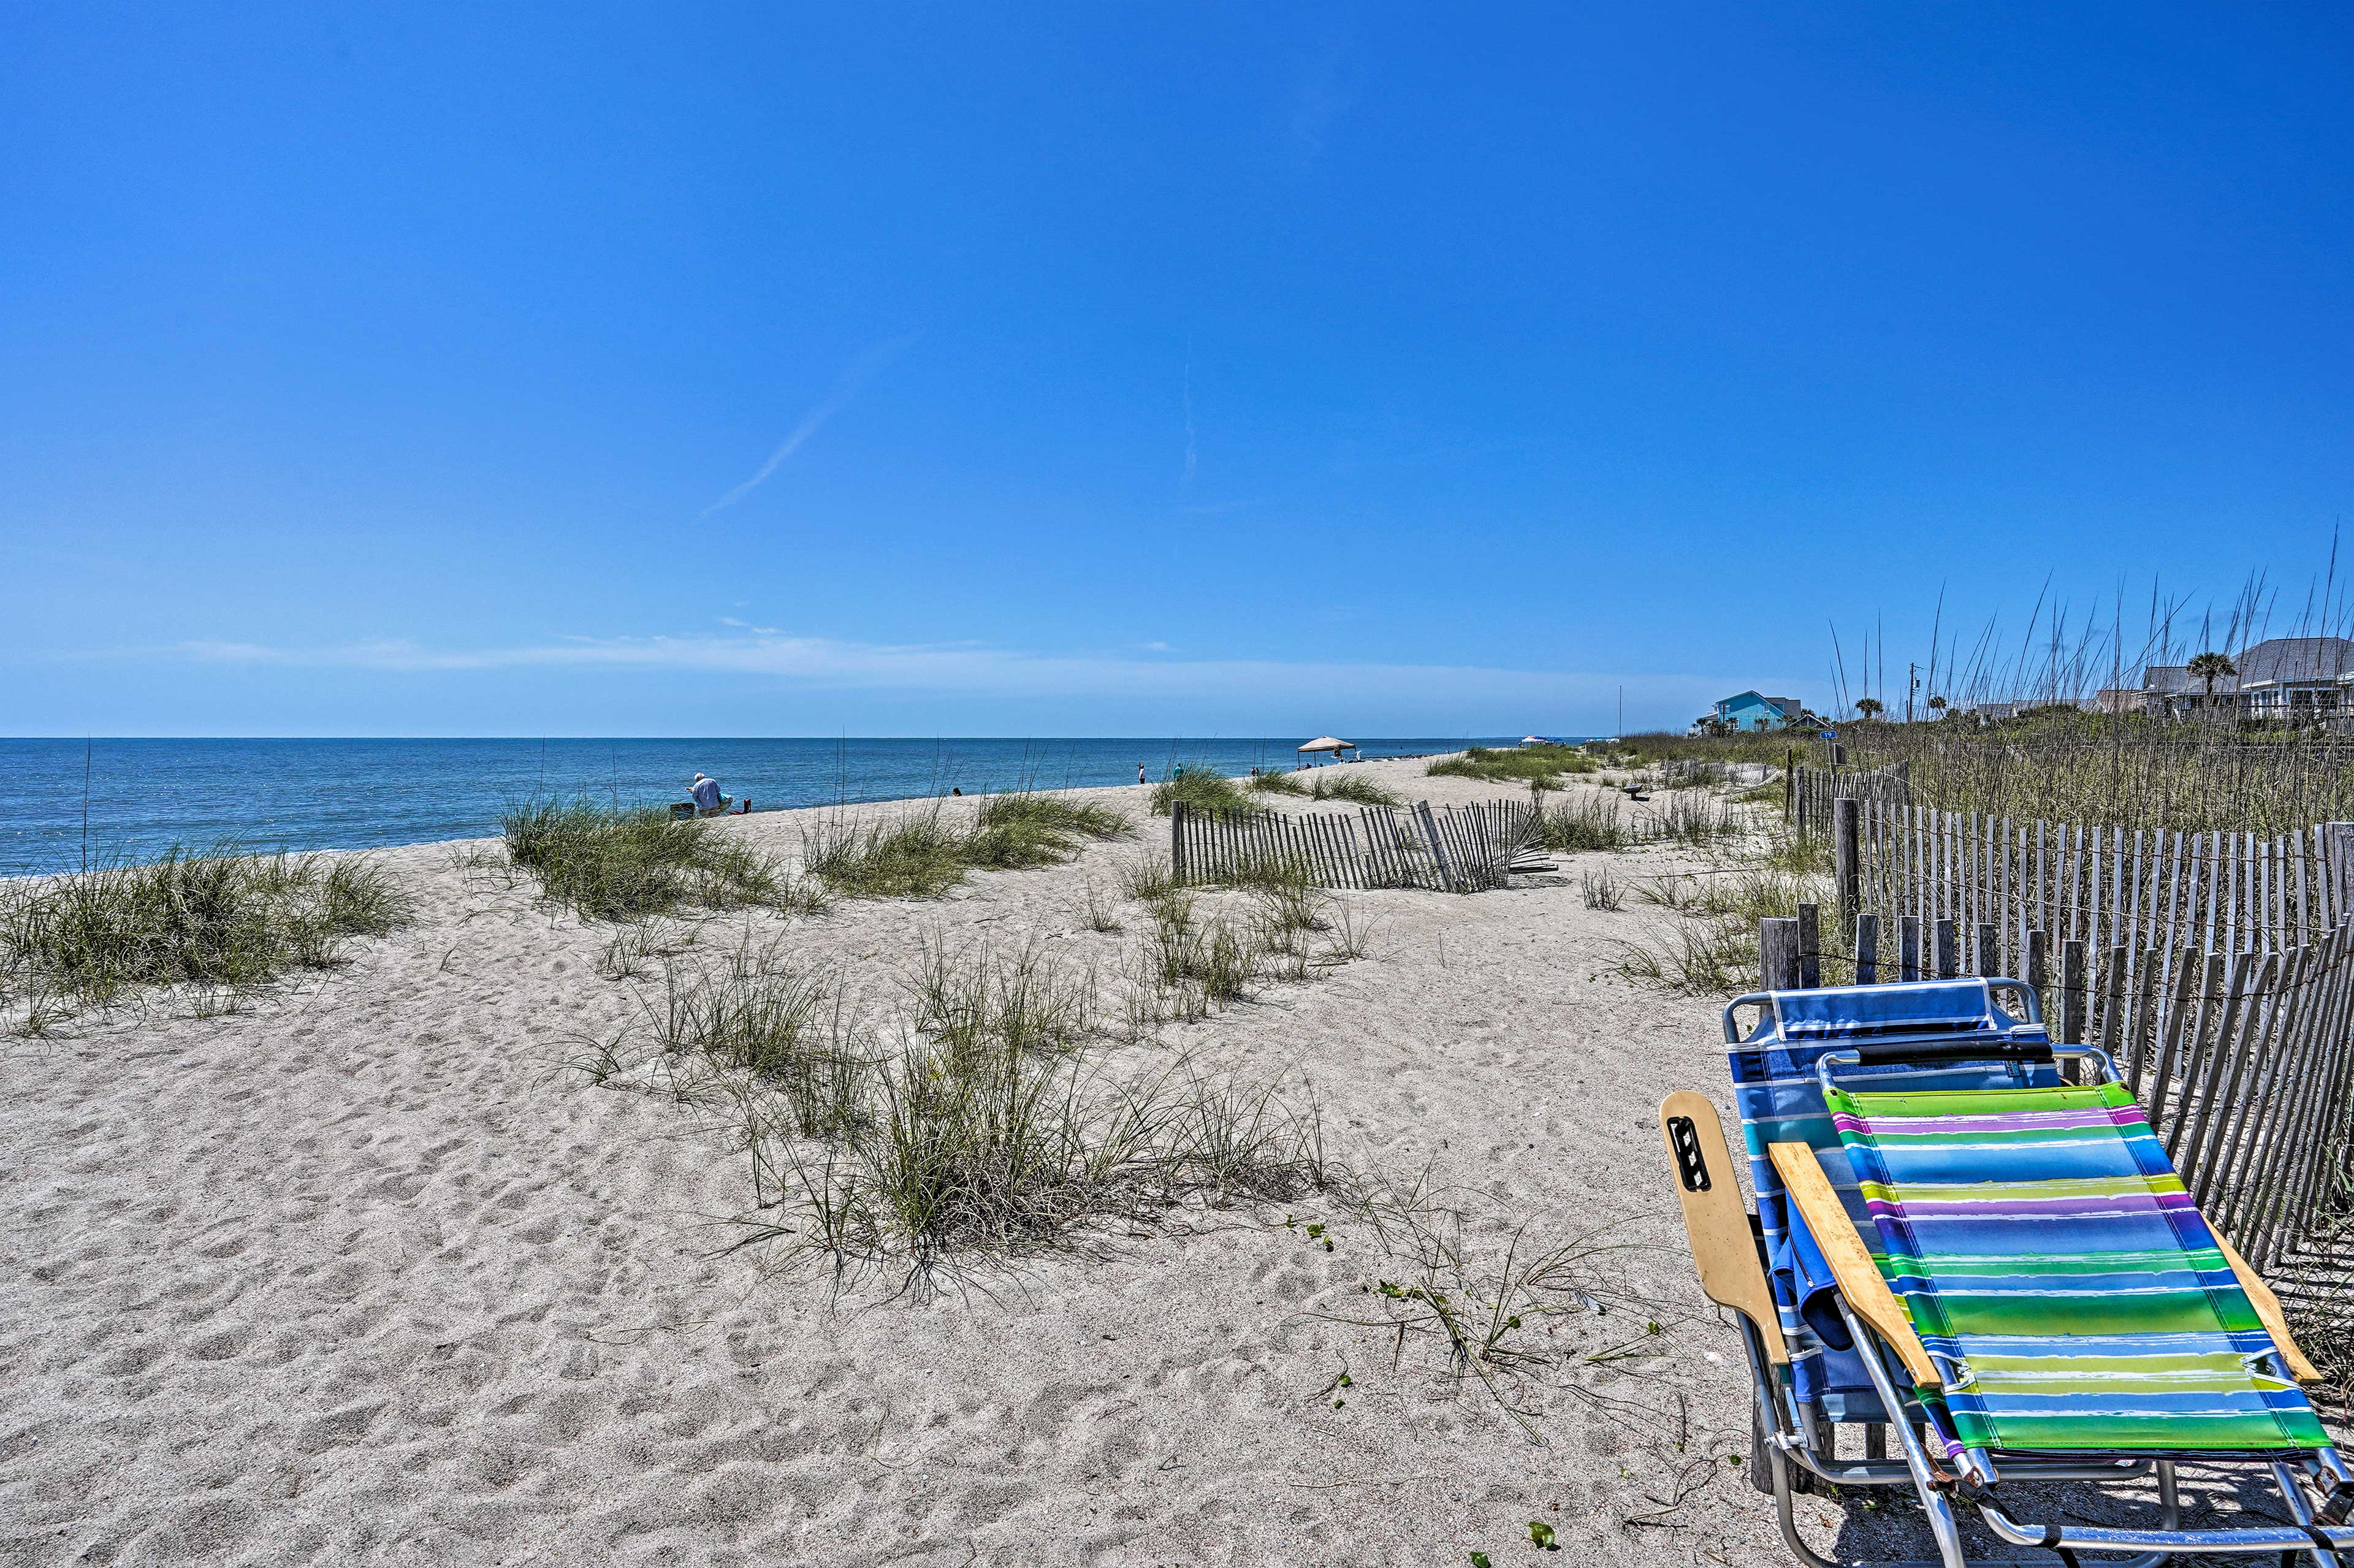 Beach   Beach Chairs Provided